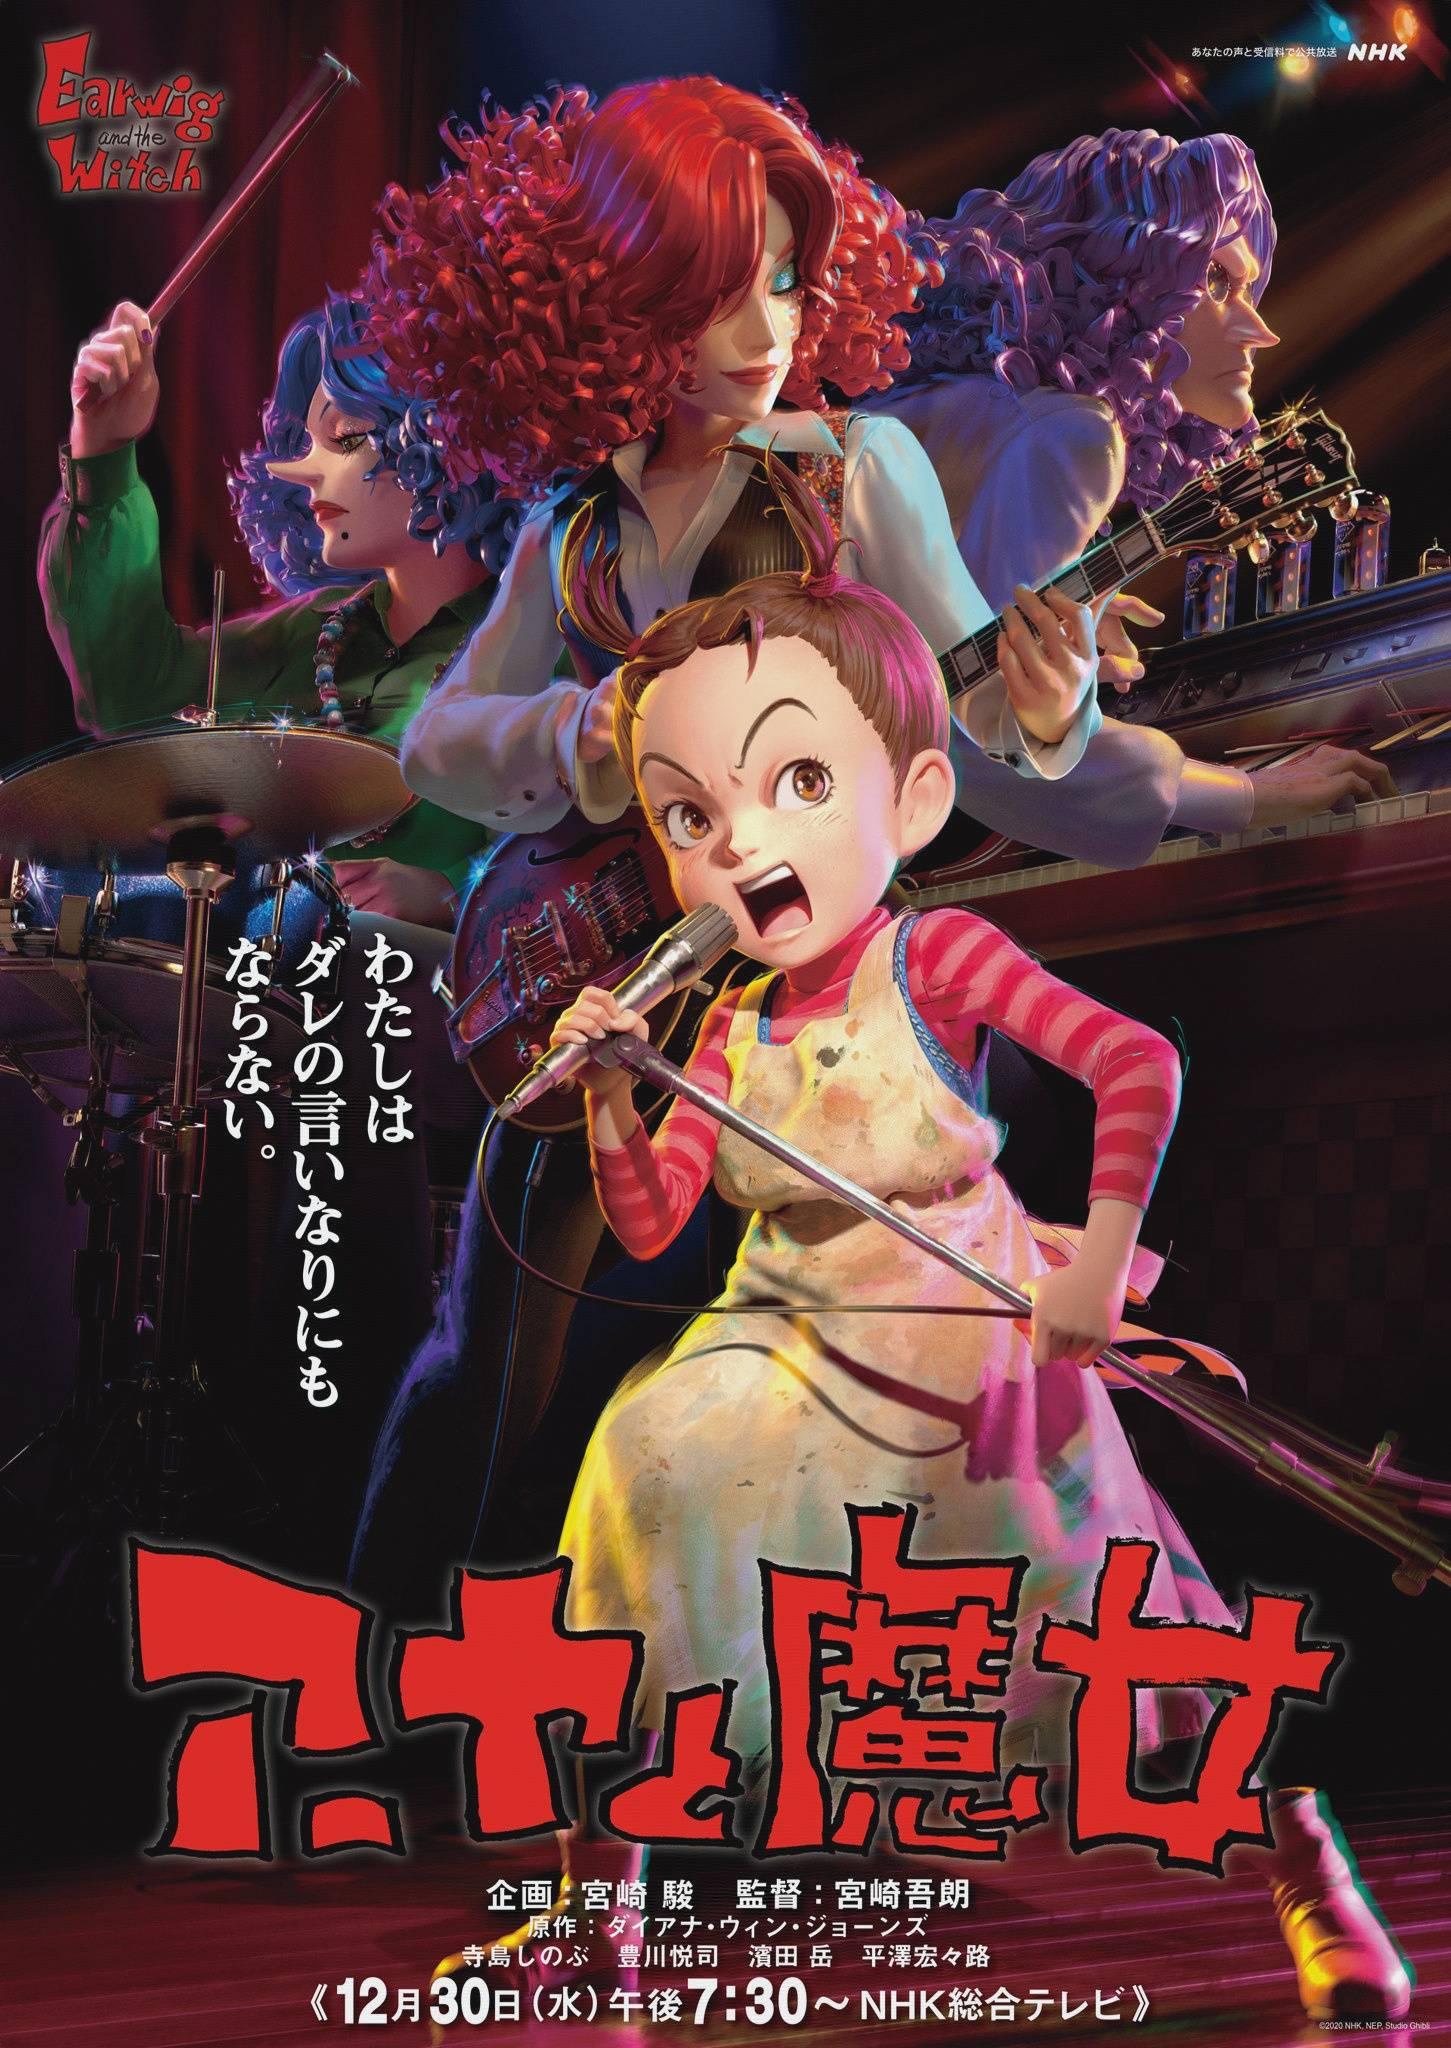 吉卜力首部CG动画《阿雅与魔女》明年2月美国上映